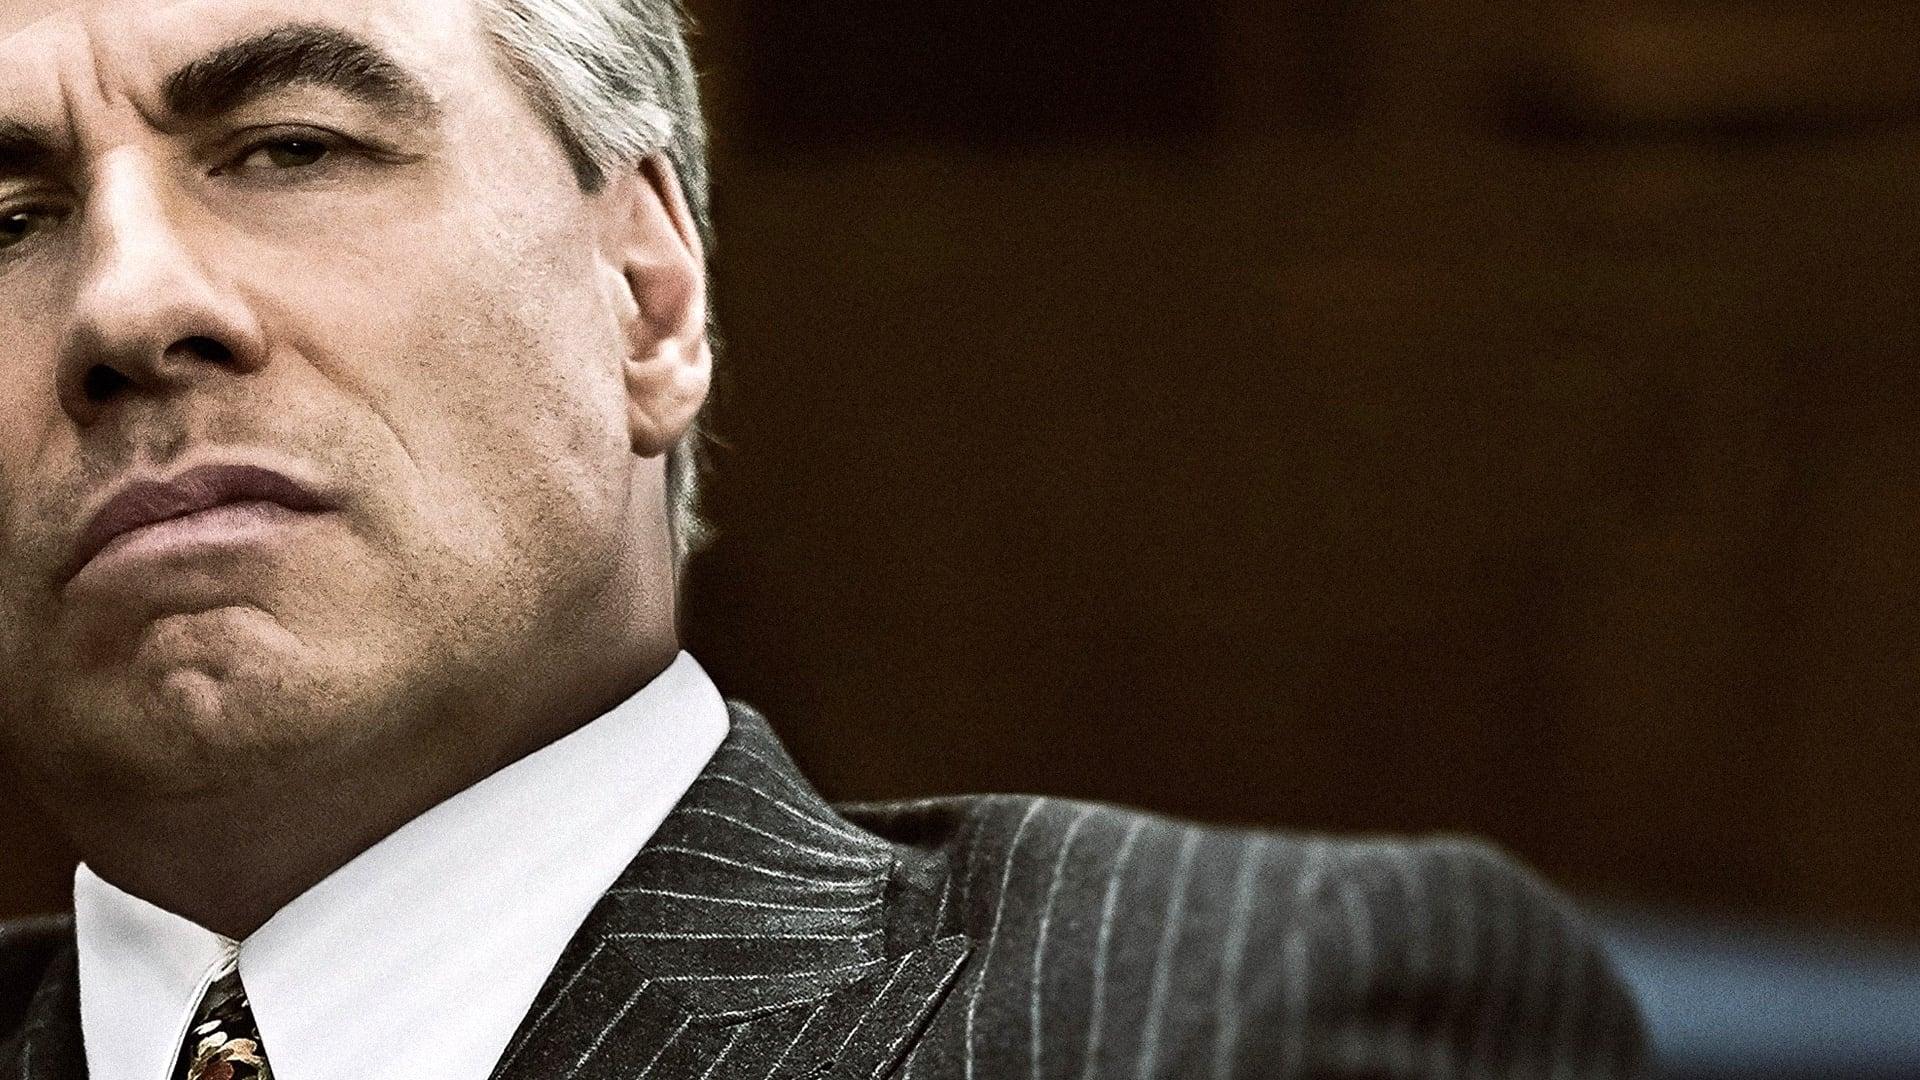 El jefe de la mafia Gotti